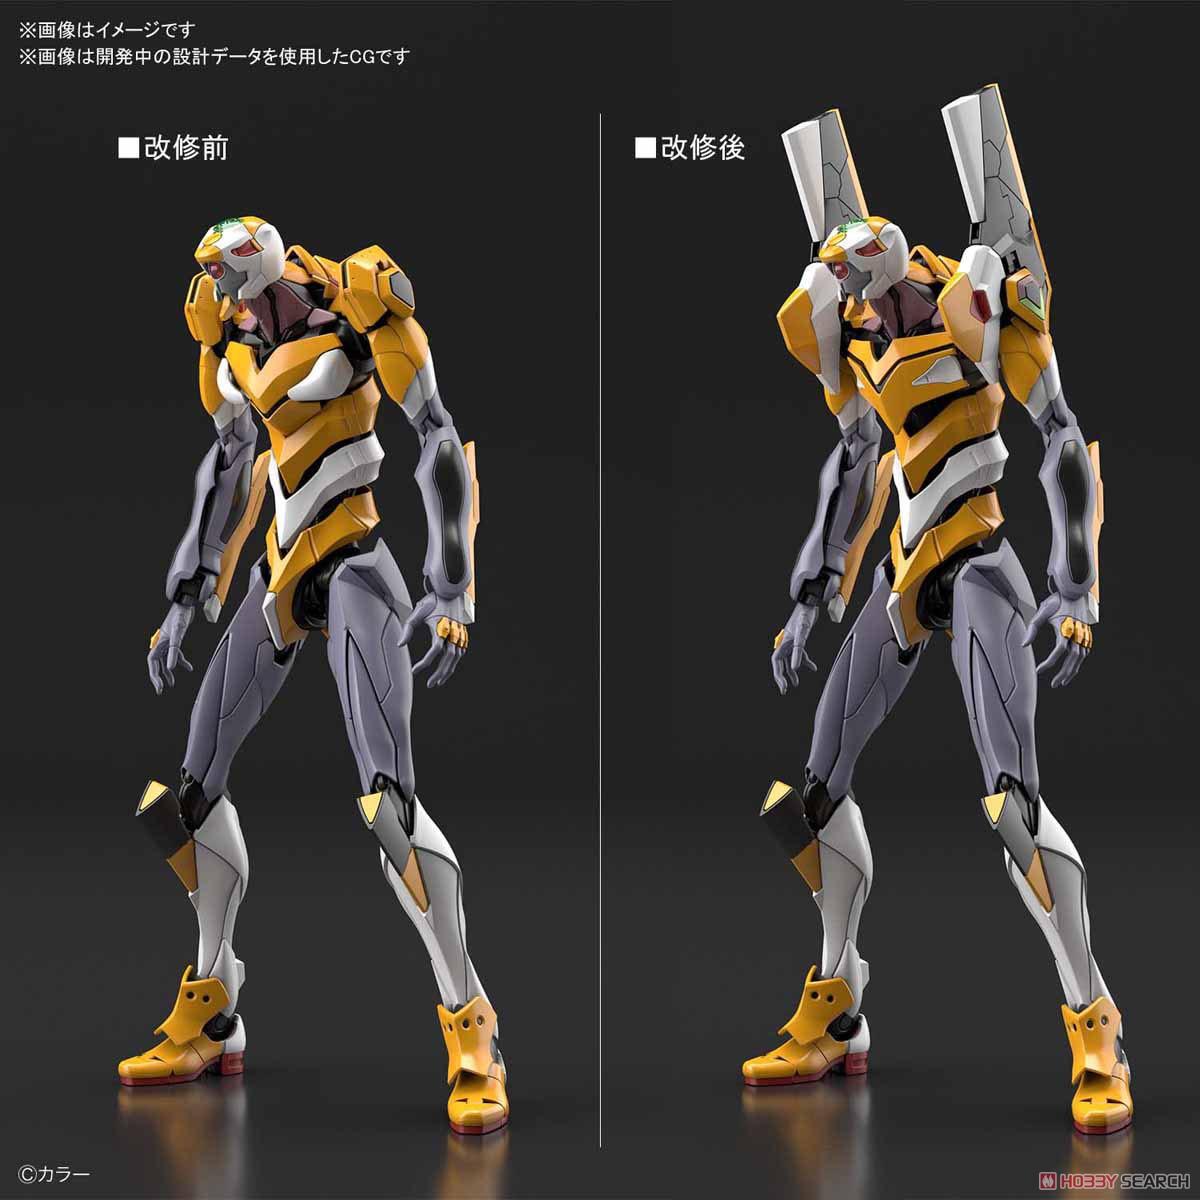 【再販】RG『汎用ヒト型決戦兵器 人造人間エヴァンゲリオン試作零号機DX 陽電子砲セット』プラモデル-014